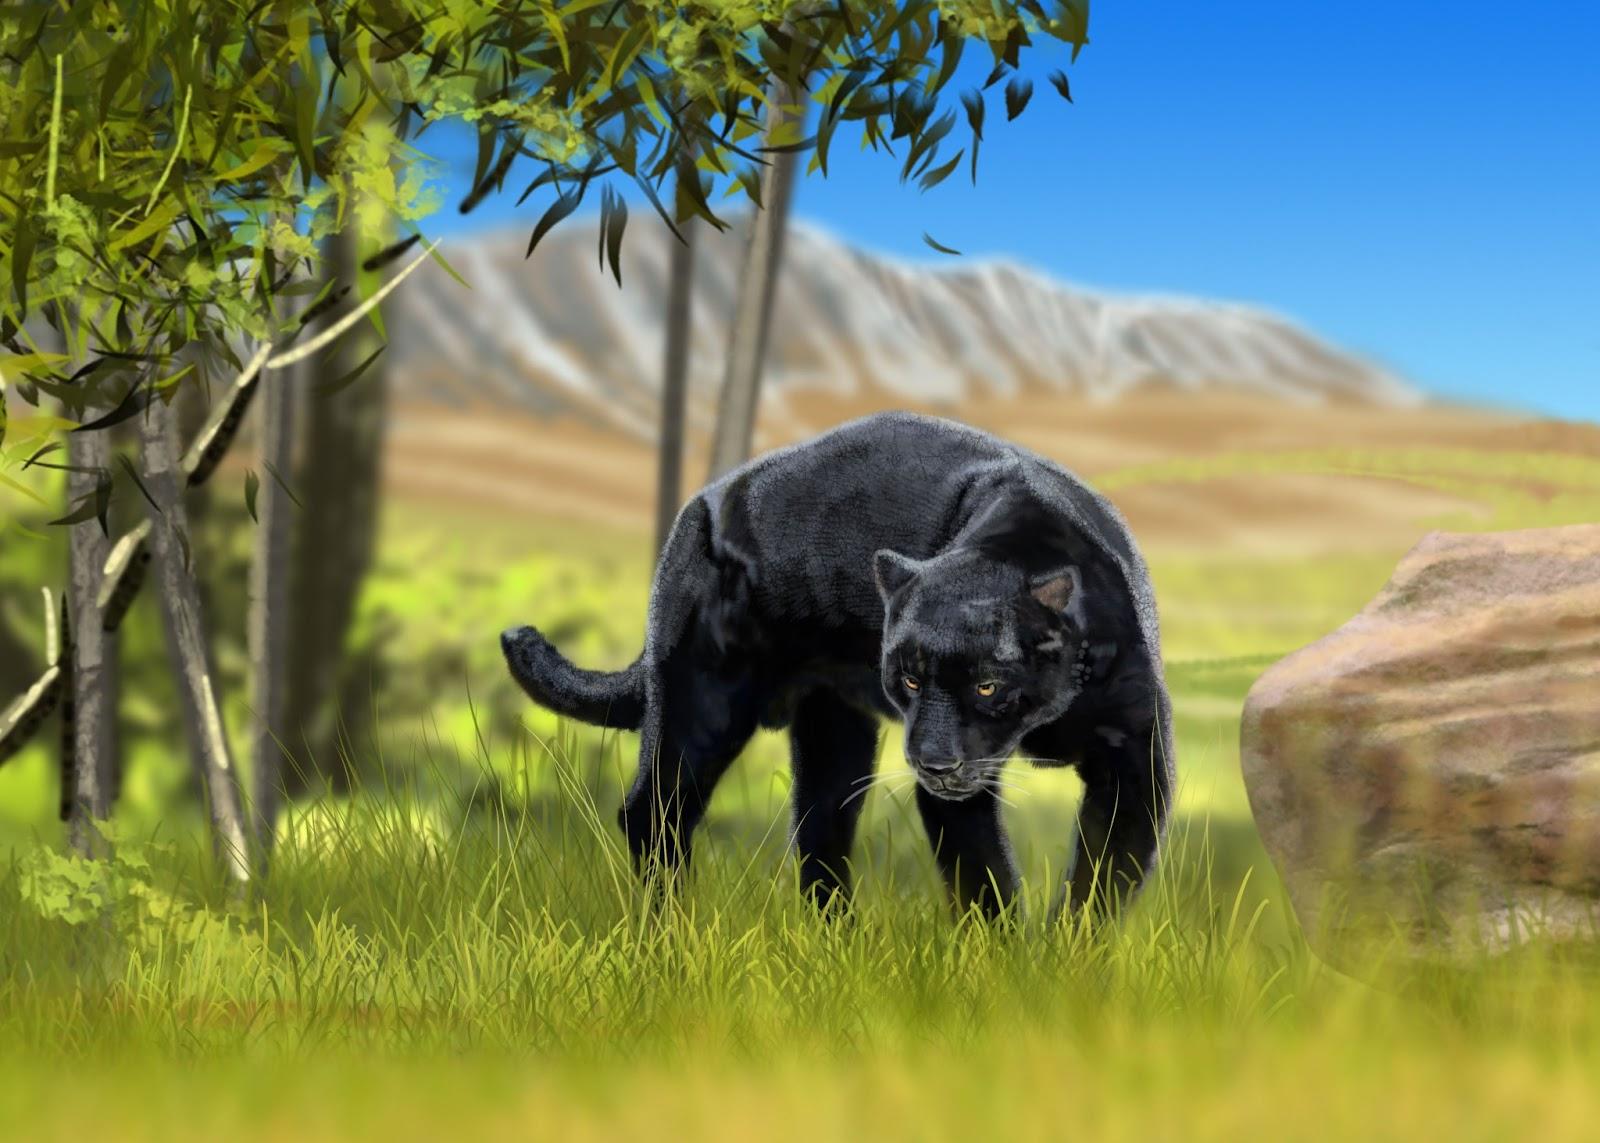 Black Panther Animal Running